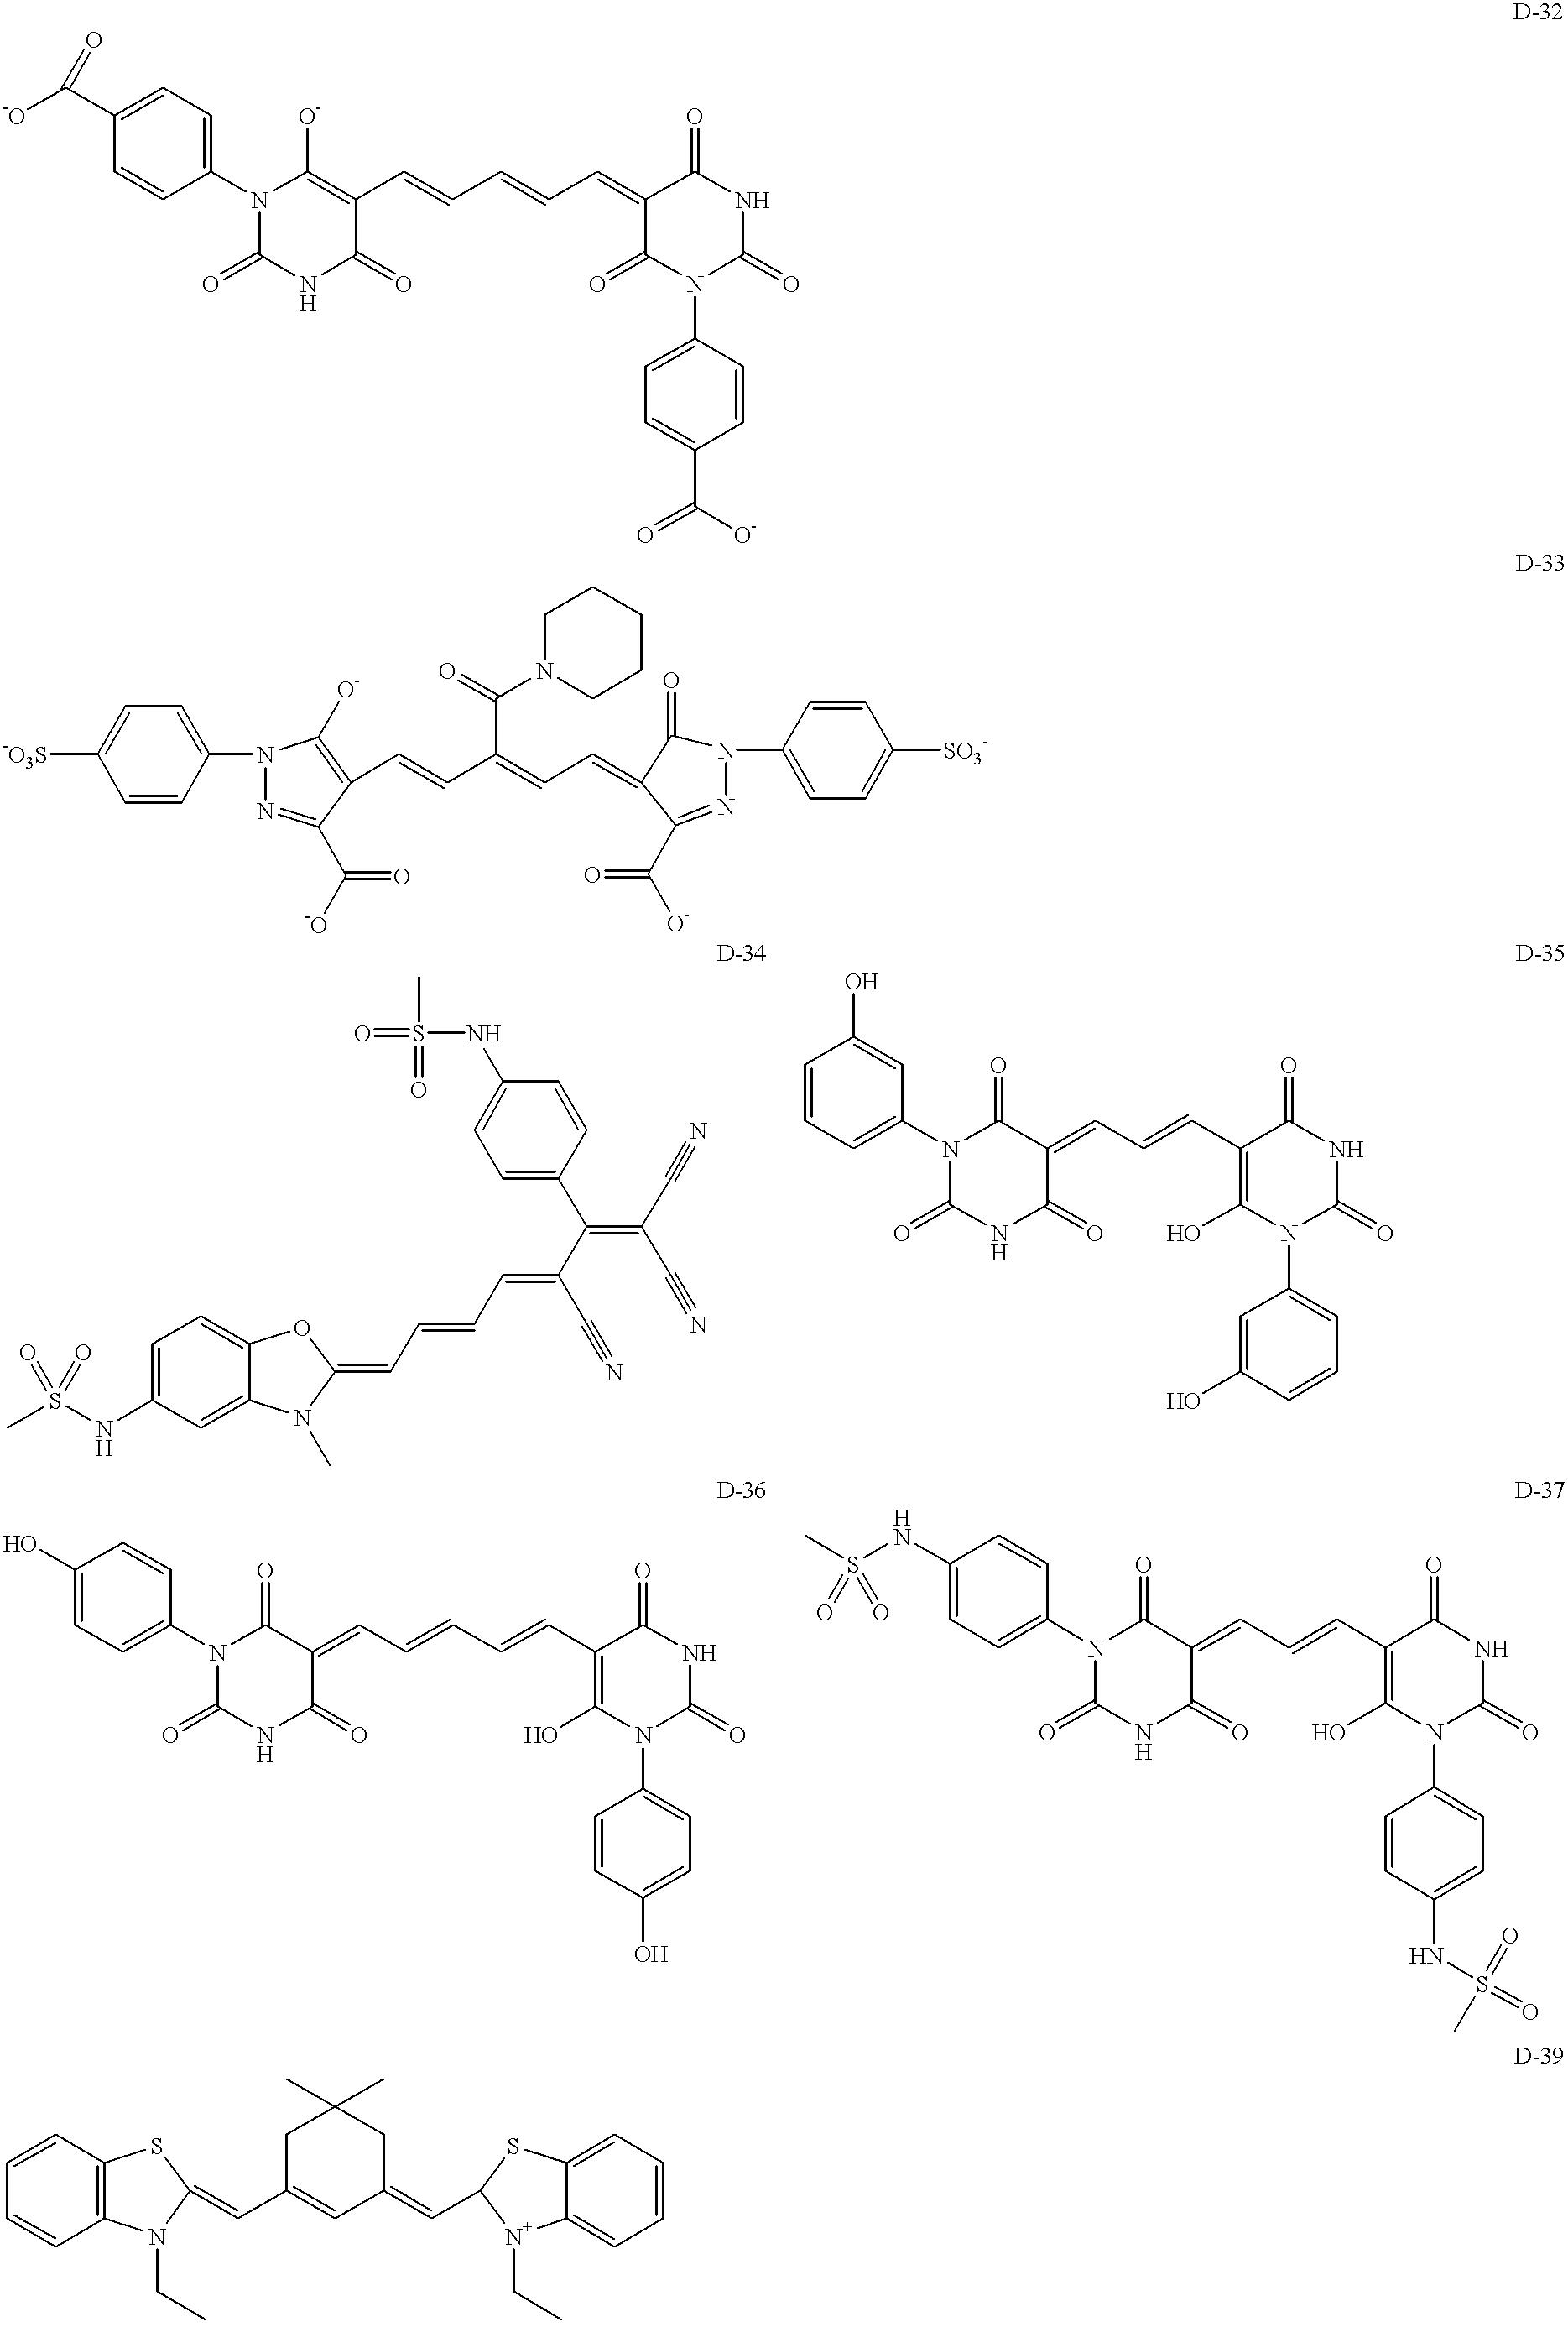 Figure US06376163-20020423-C00020